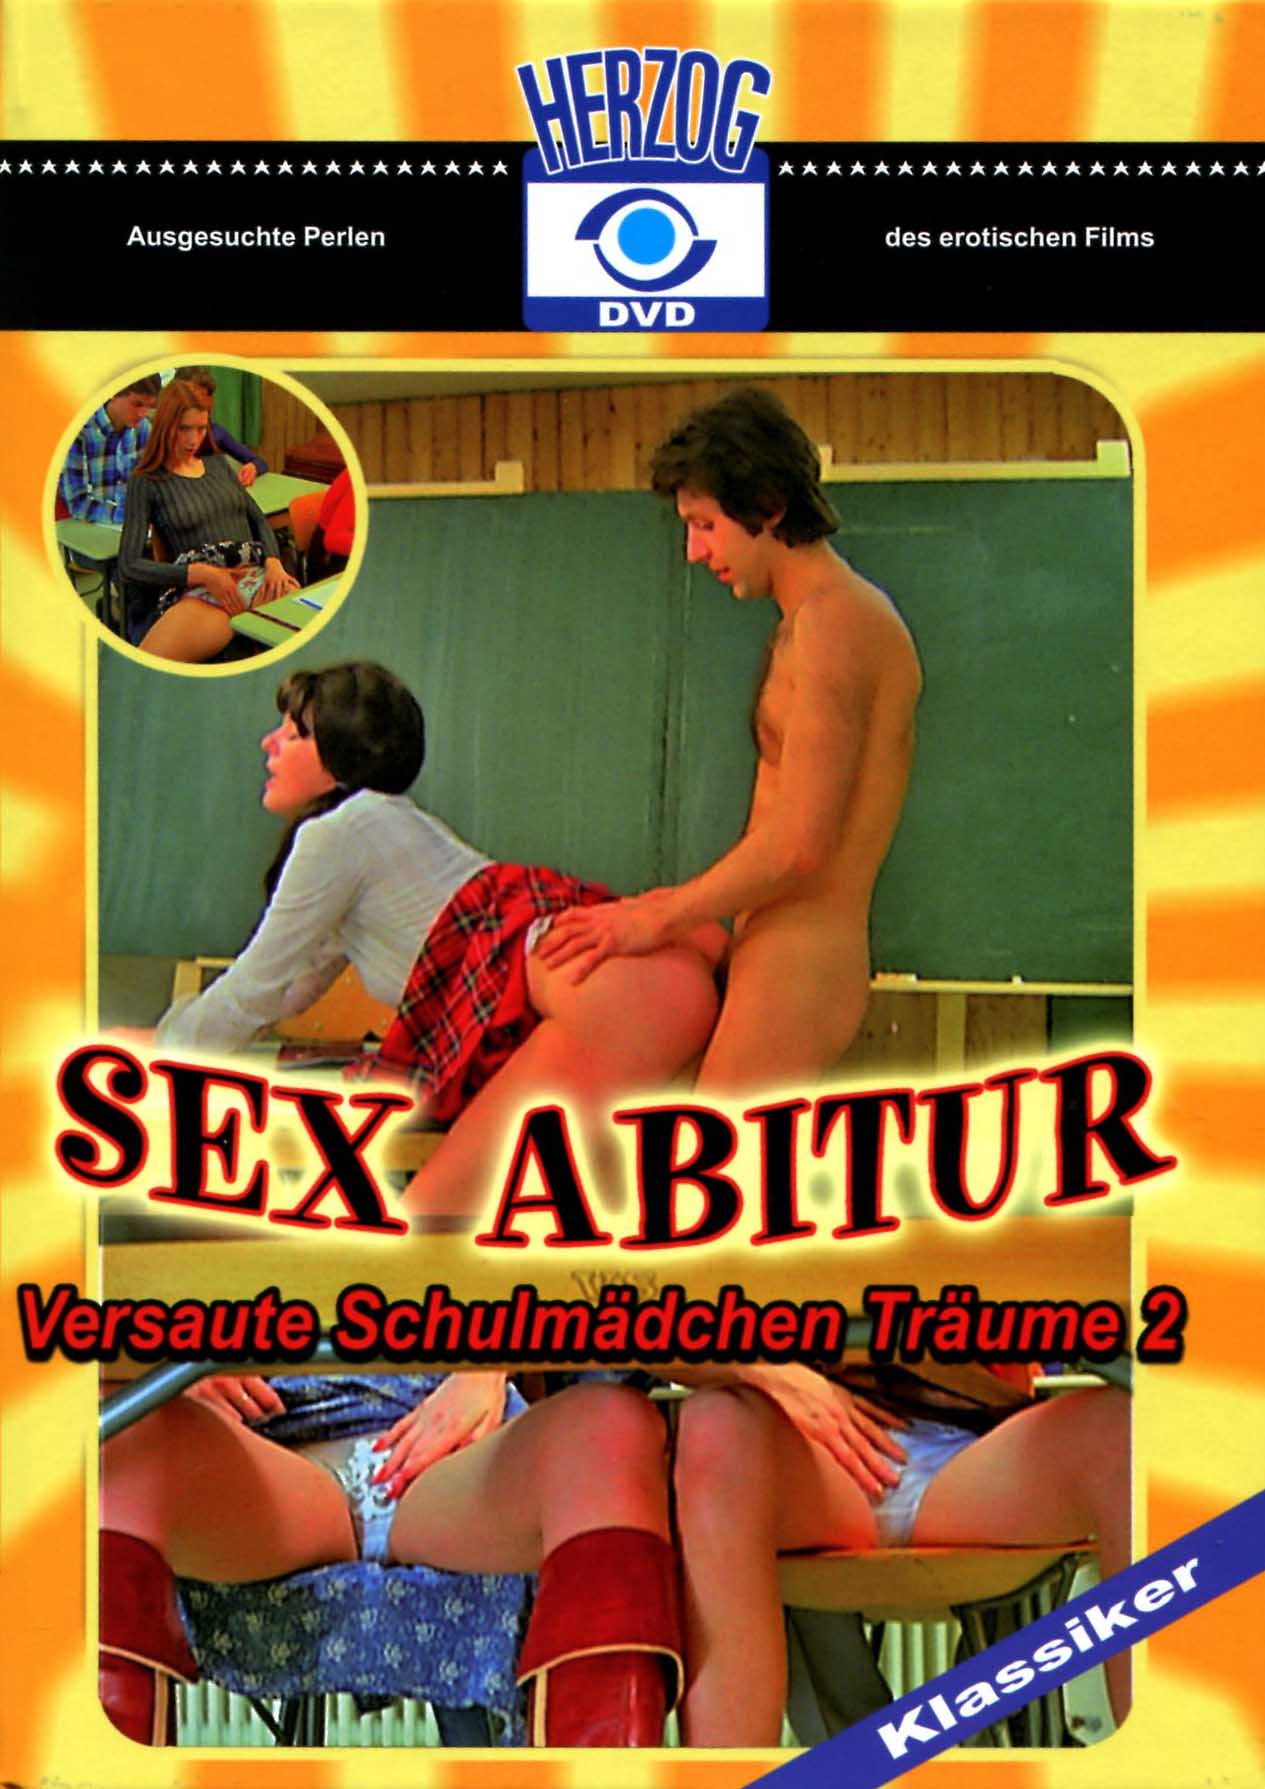 Фильм герцог порно